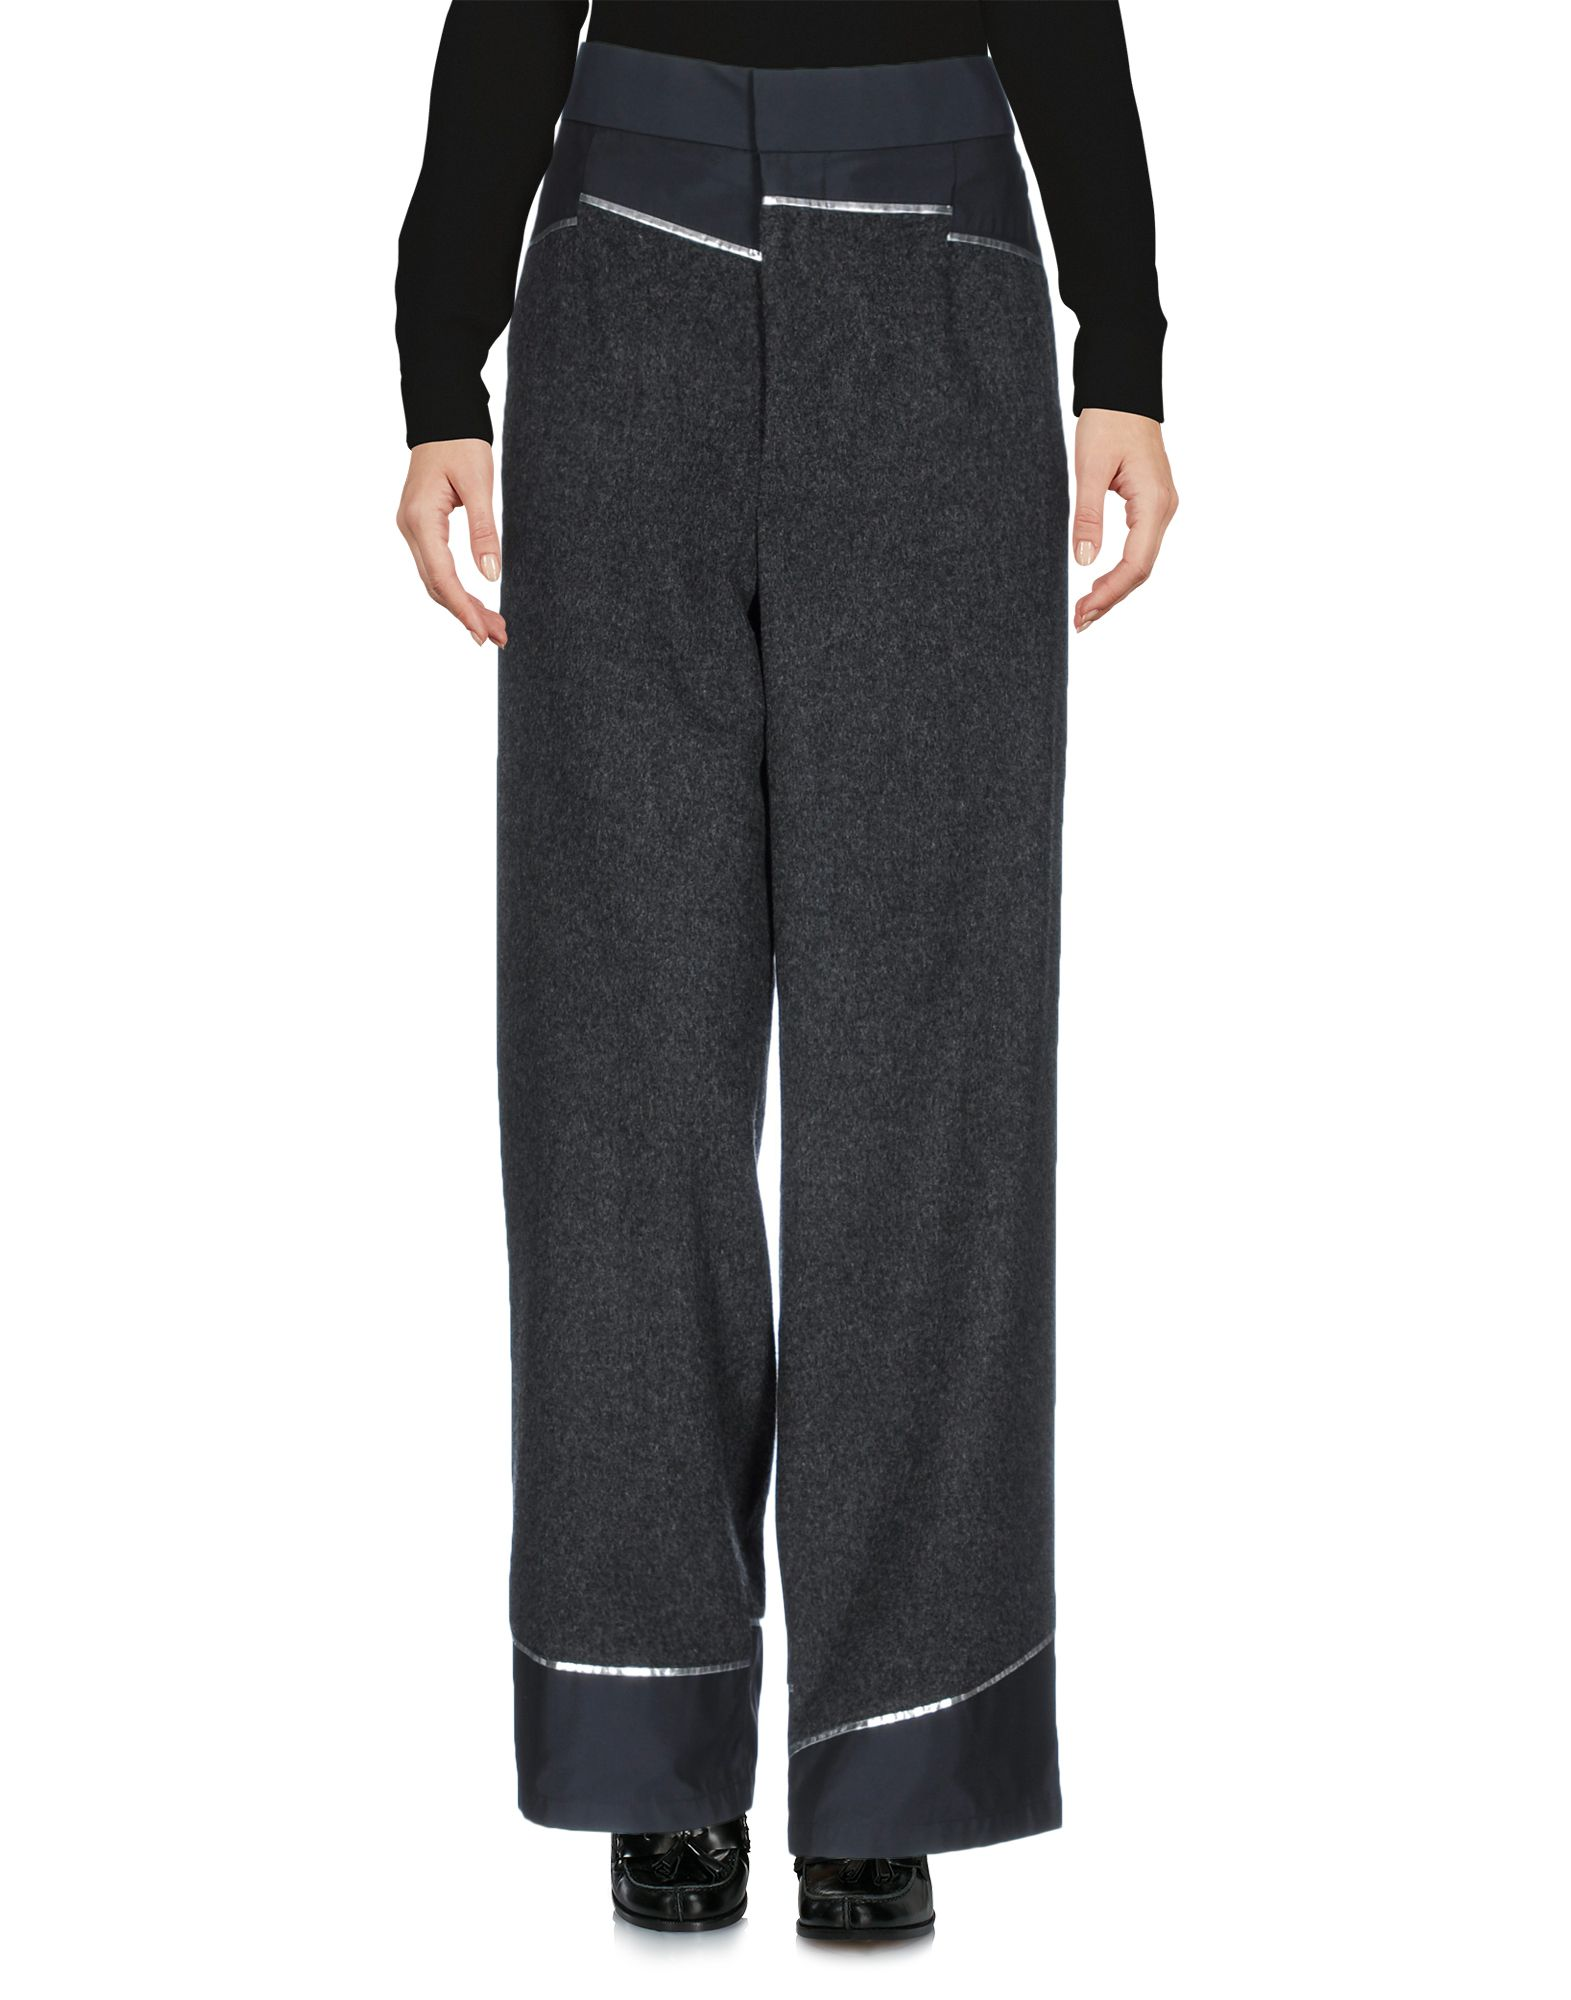 Pantalone Kolor Donna - Acquista online su WCuPRMYM